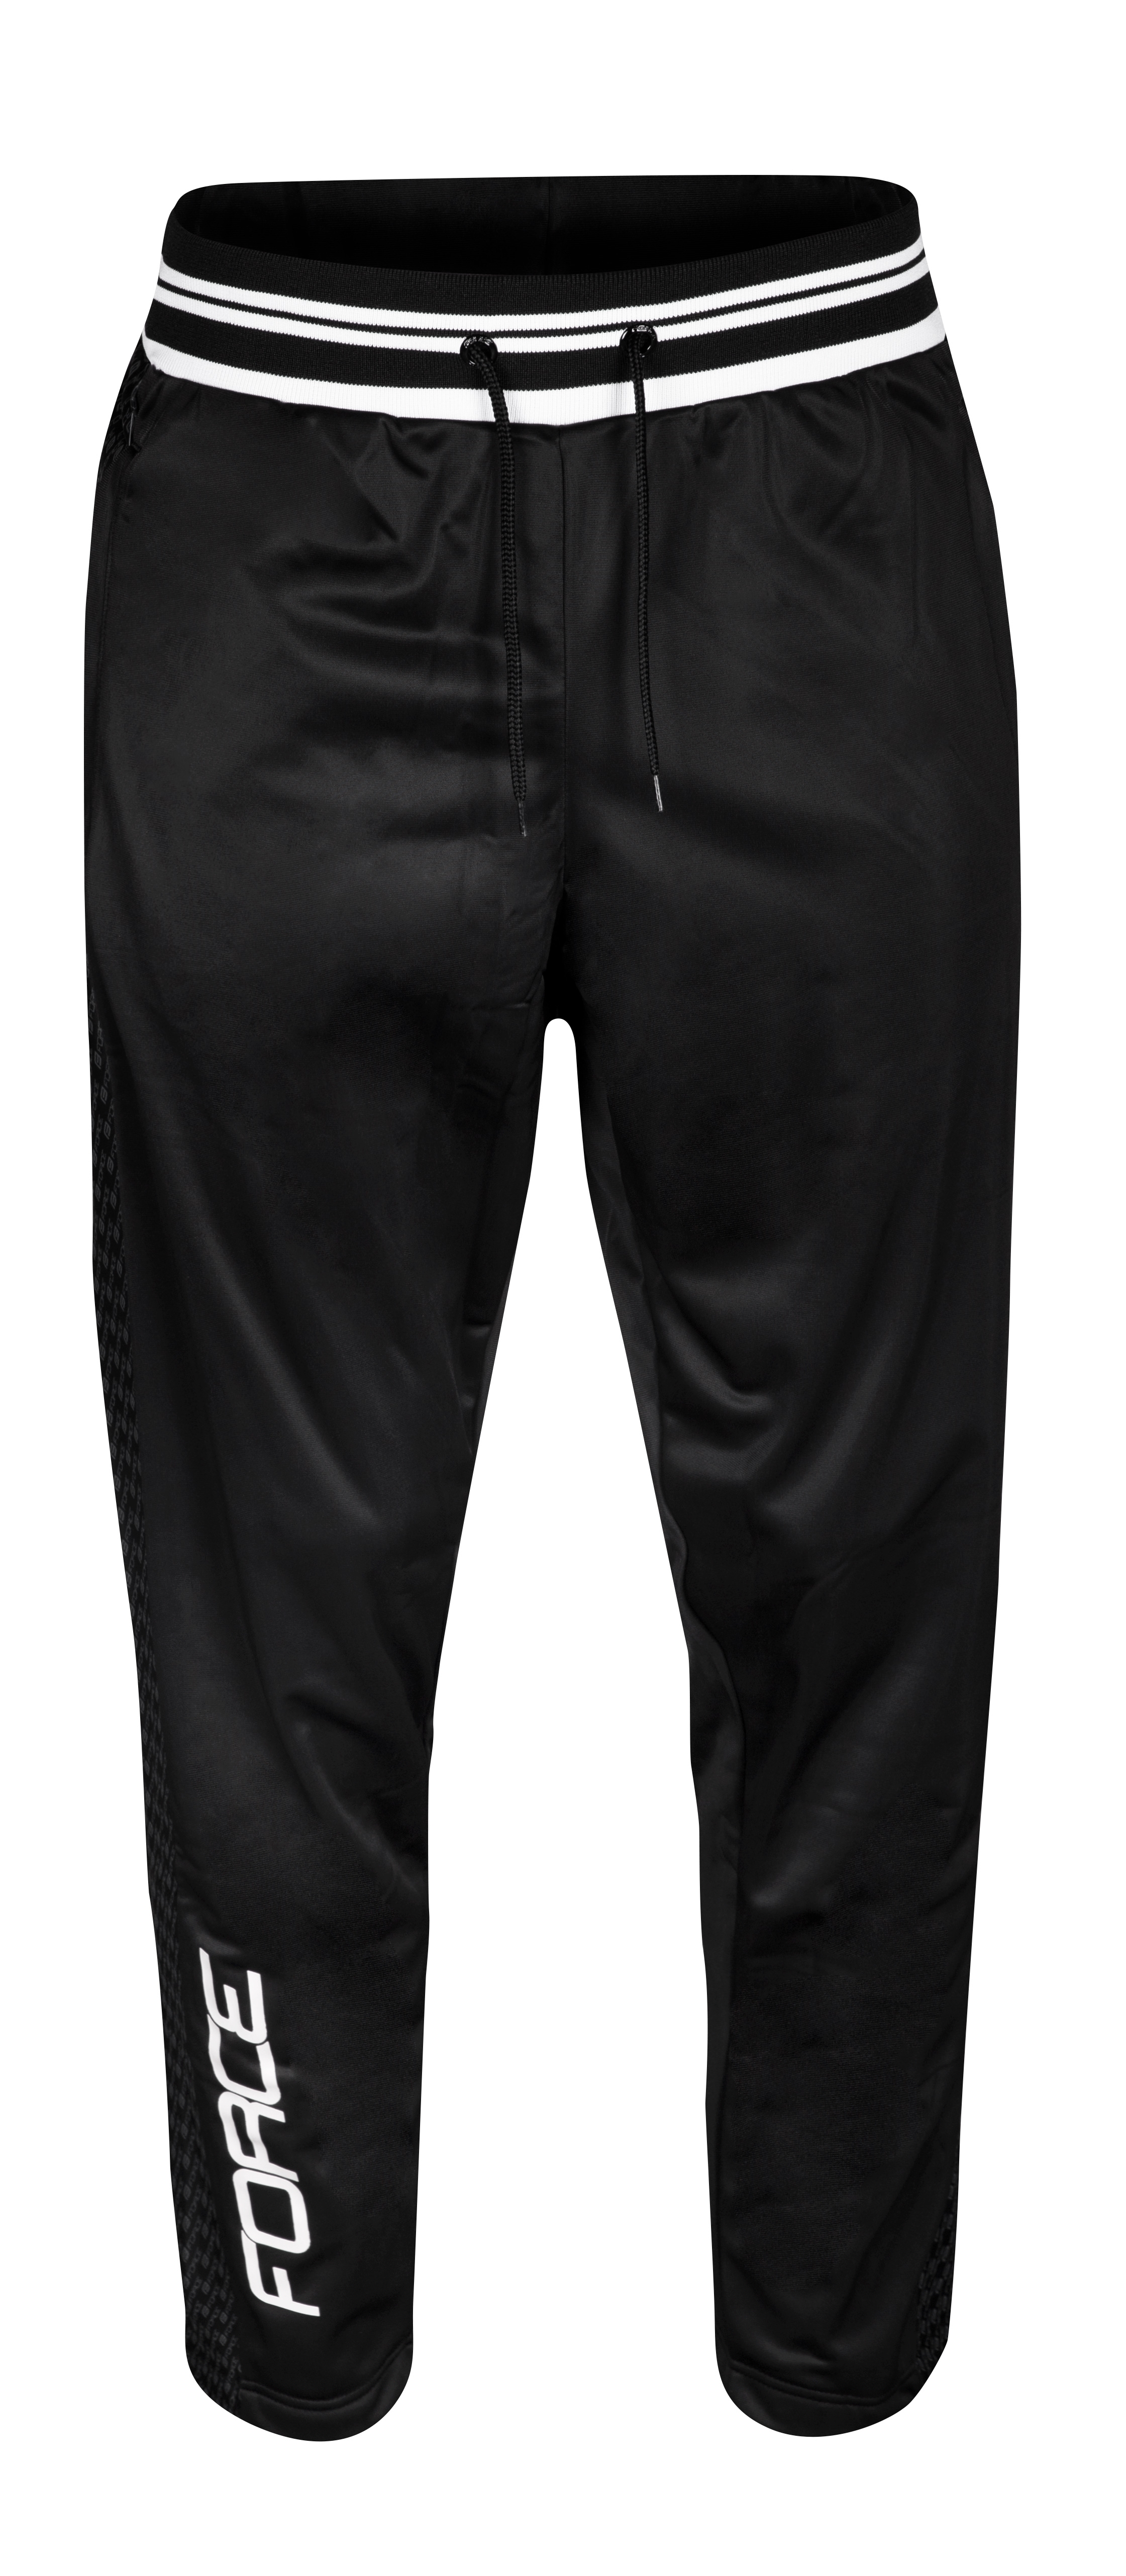 kalhoty/tepláky FORCE 1991, černé M